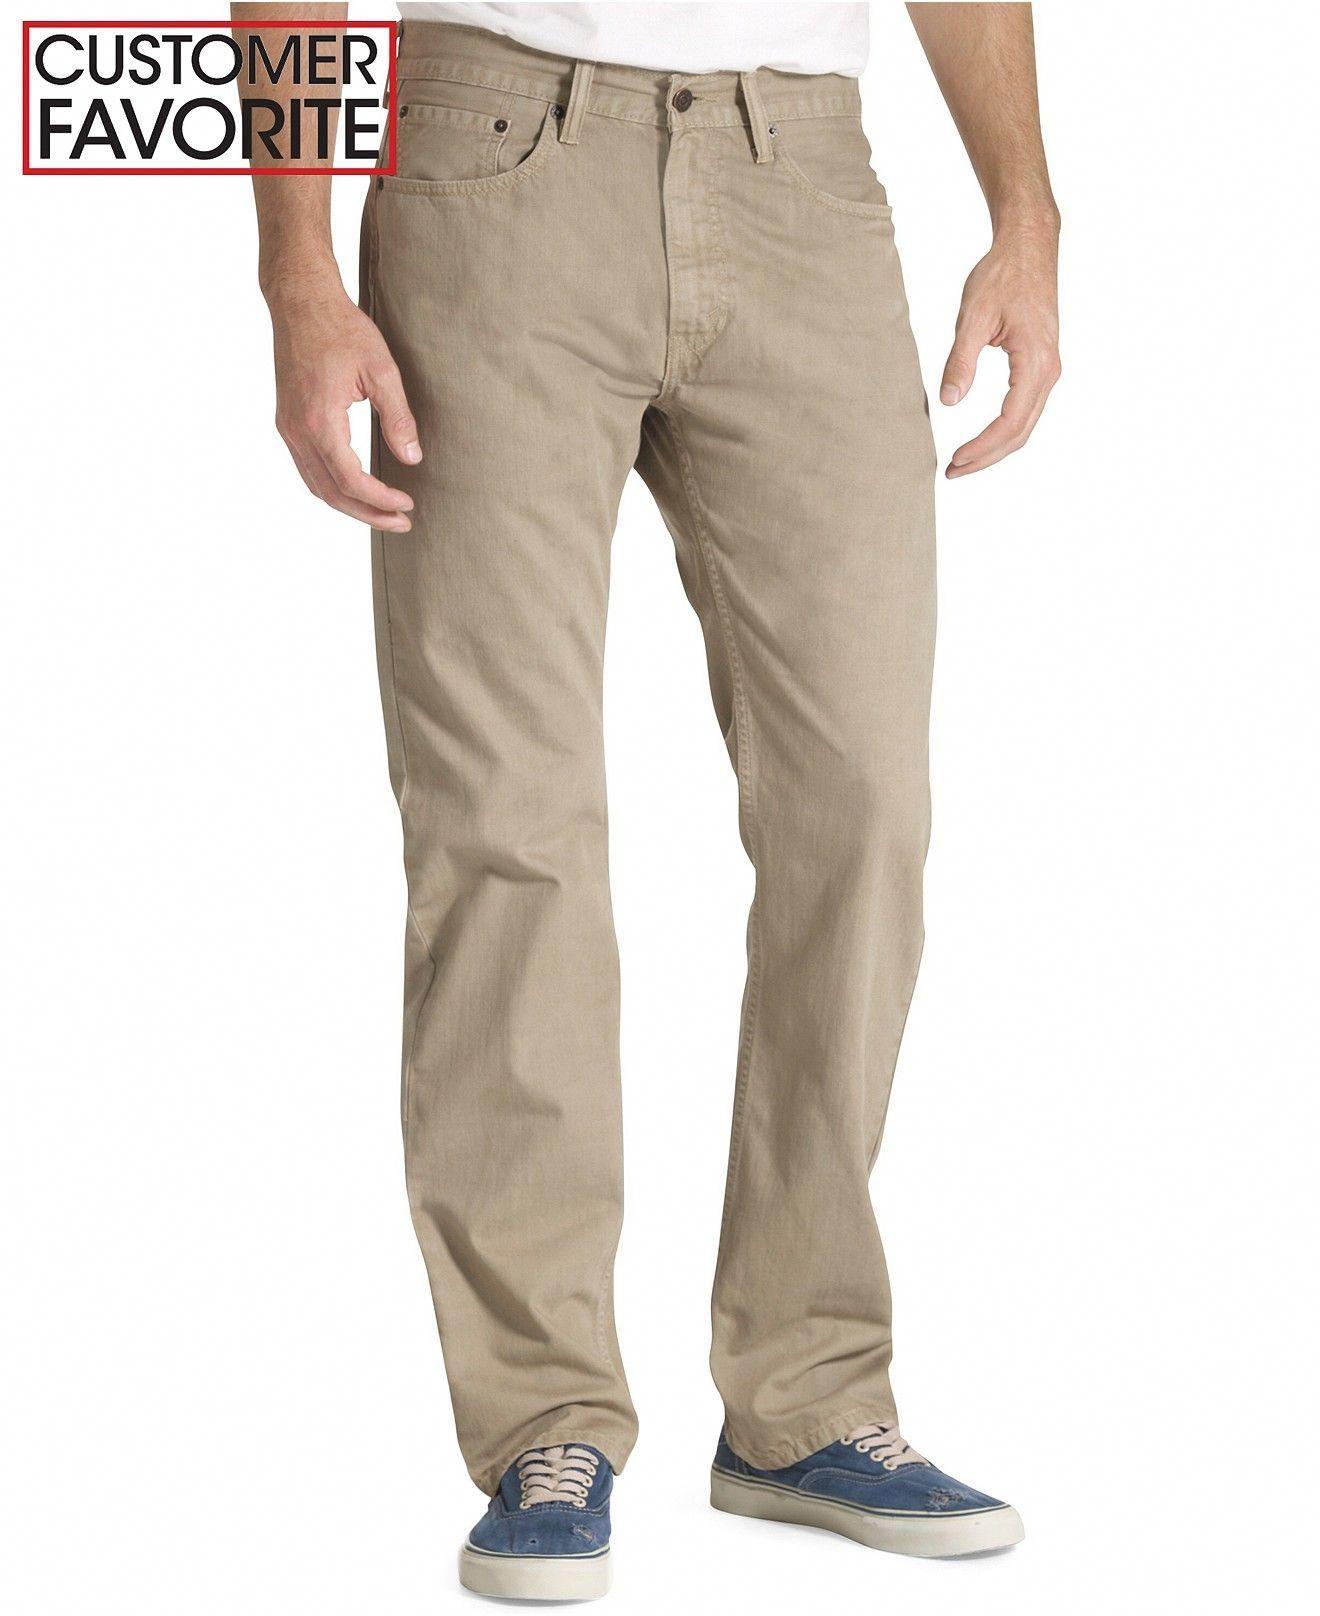 998313b227 Khaki Pants Outfit · Levi's 505 Regular-Fit Jeans - Jeans - Men - Macy's  #mensjeanslevis Jeans Fit